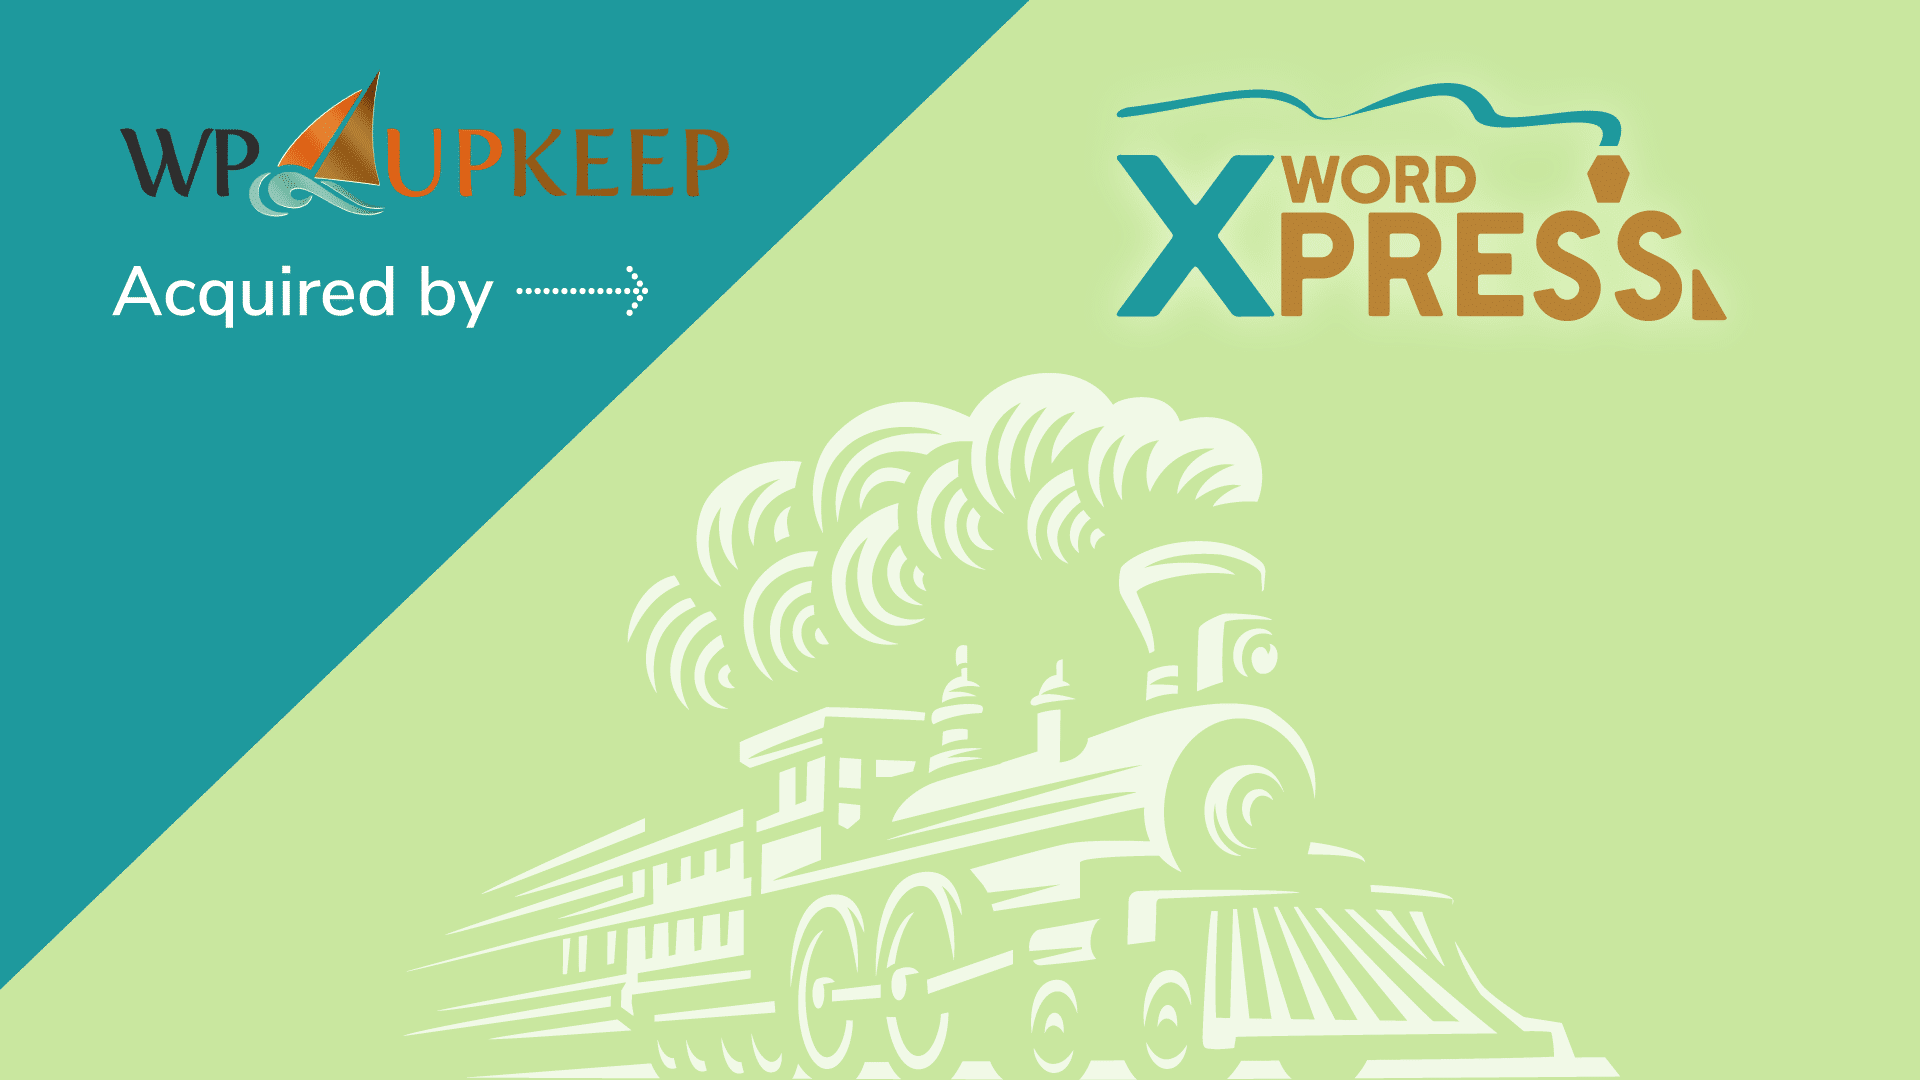 WPUpkeep / WordXpress